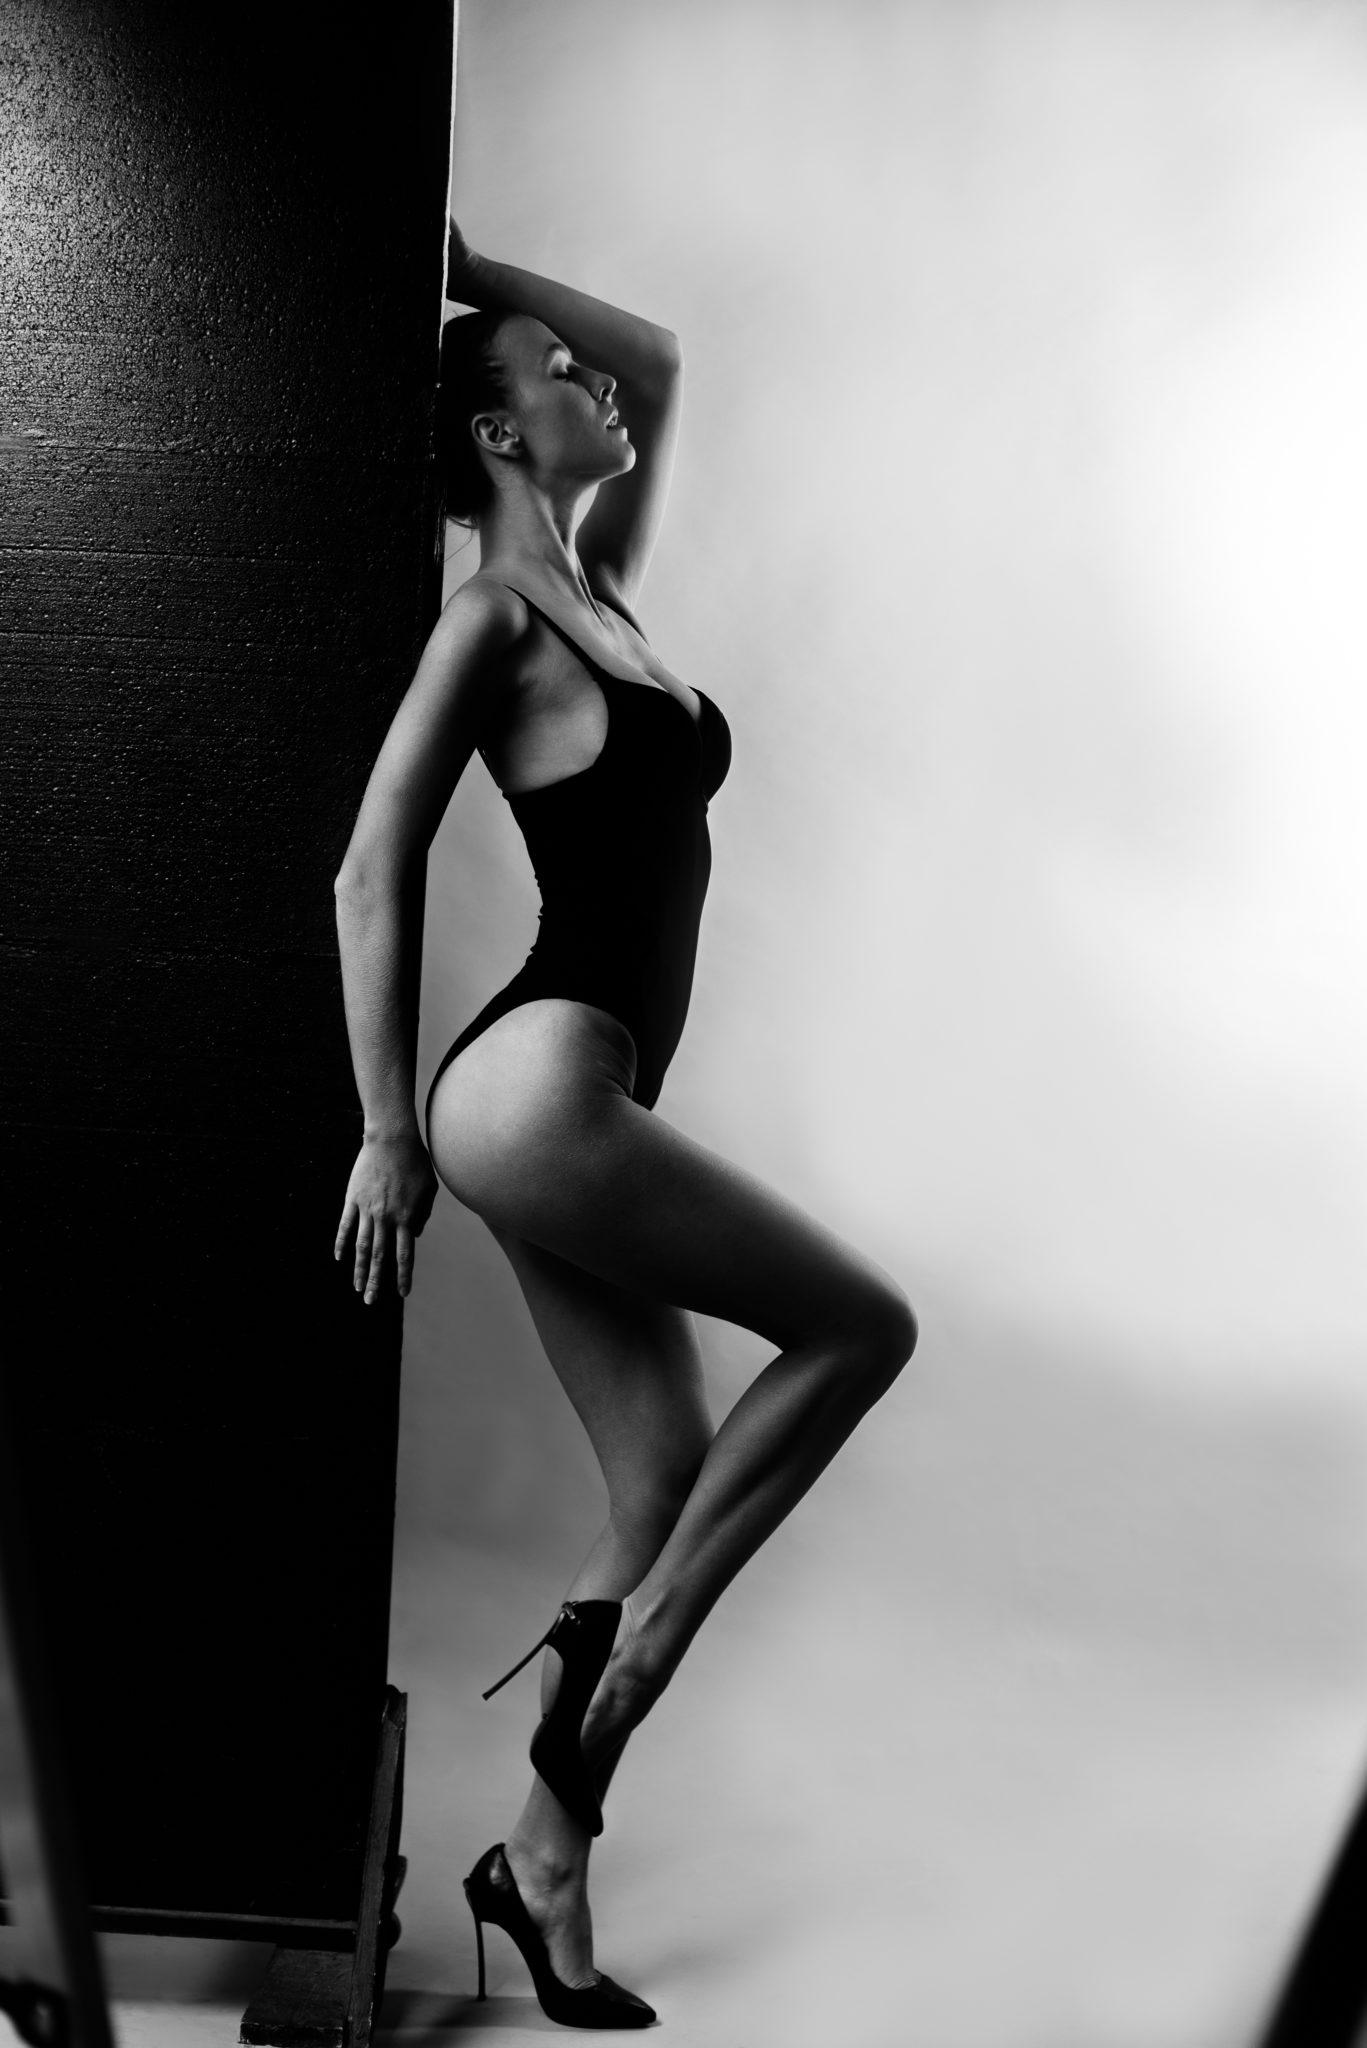 Модельные тесты, чб фото, девушка в черном купальнике на белом фоне